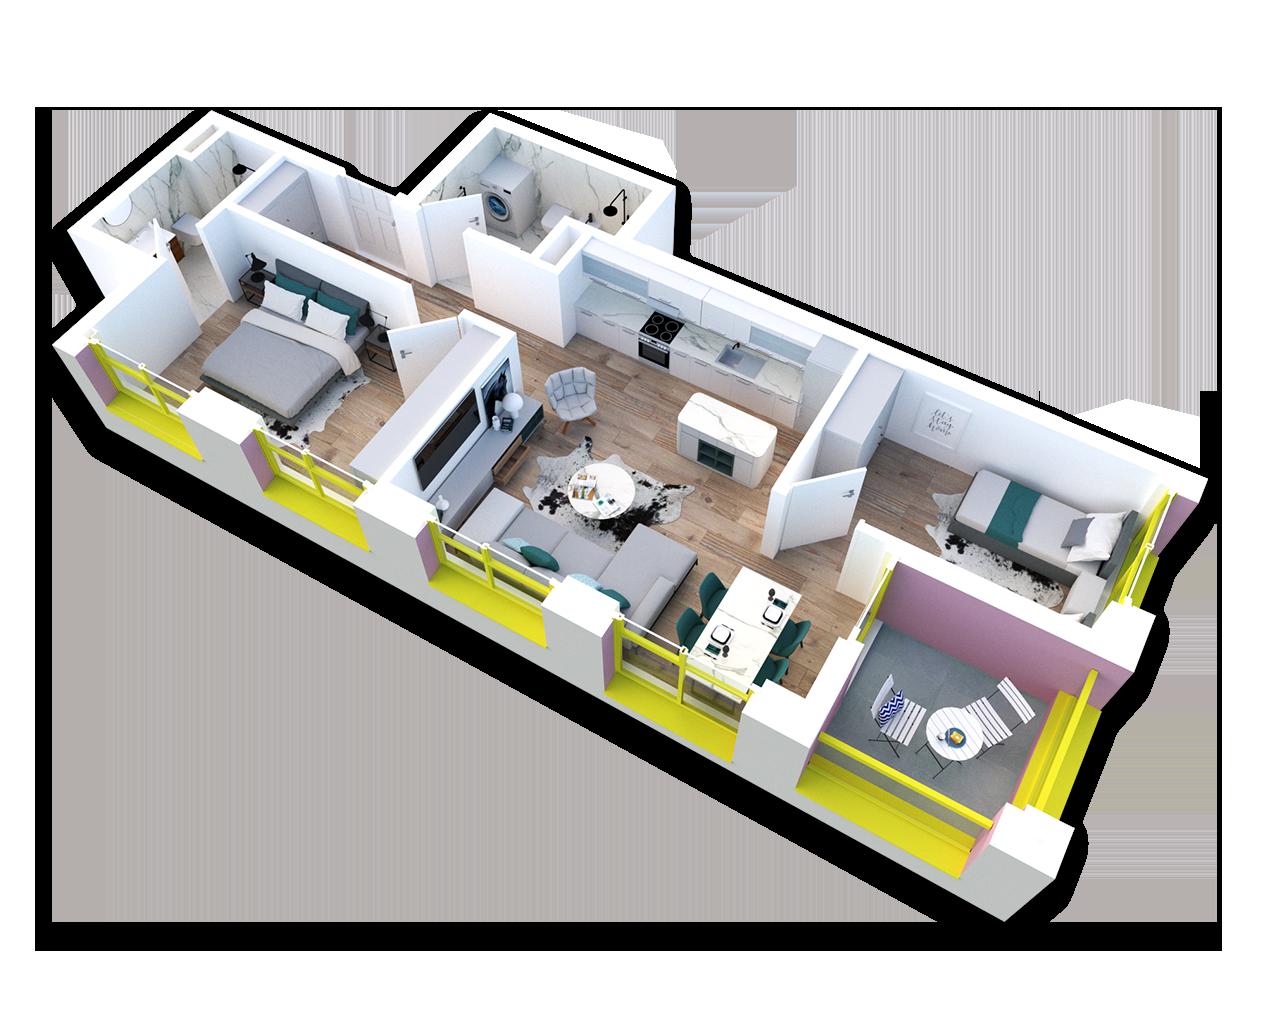 Apartament 2+1 në shitje në Tiranë - Mangalem 21 Shkalla 20 Kati 3